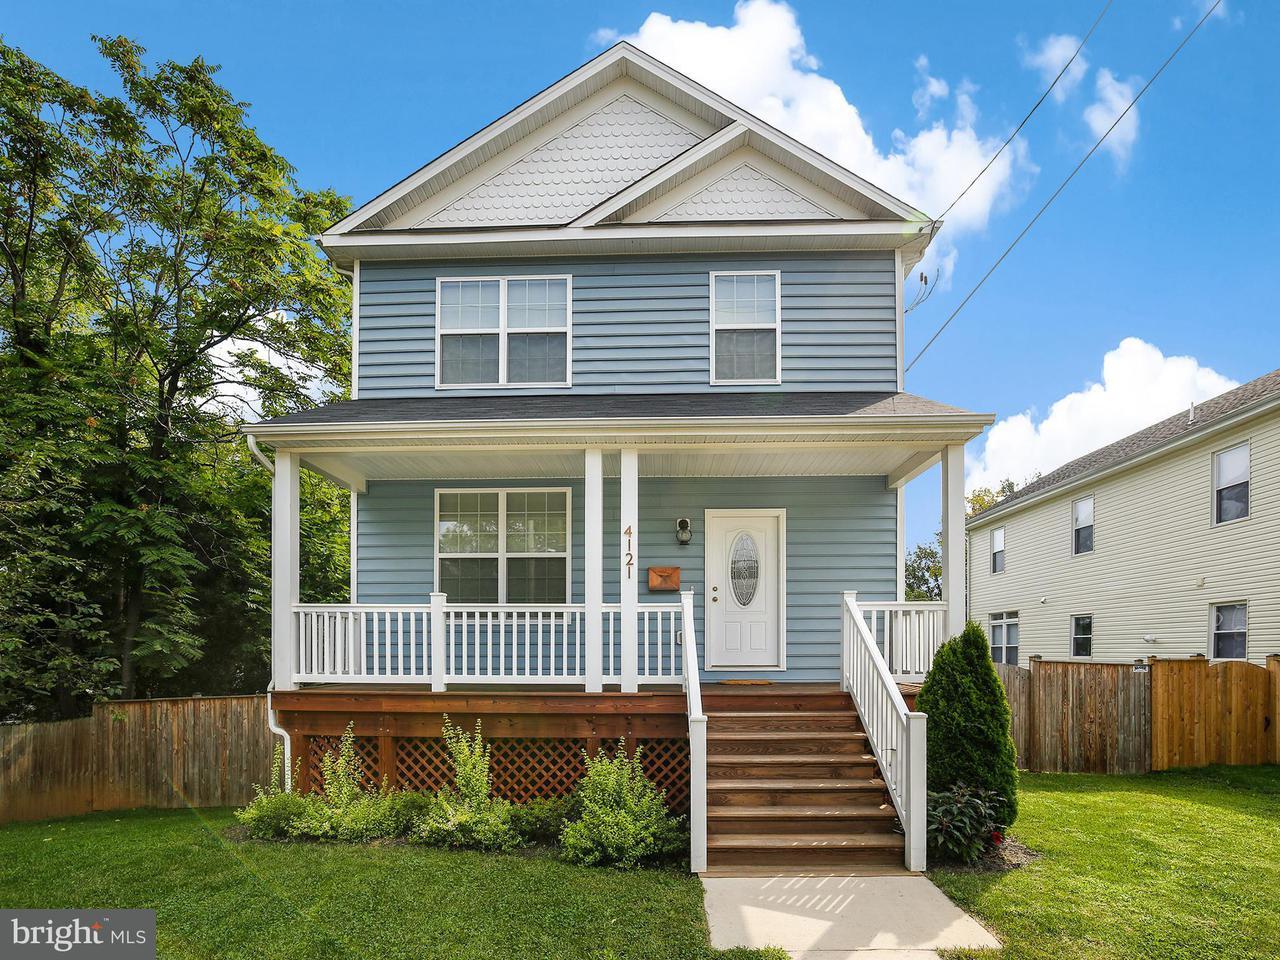 一戸建て のために 売買 アット 4121 34th Street 4121 34th Street Mount Rainier, メリーランド 20712 アメリカ合衆国